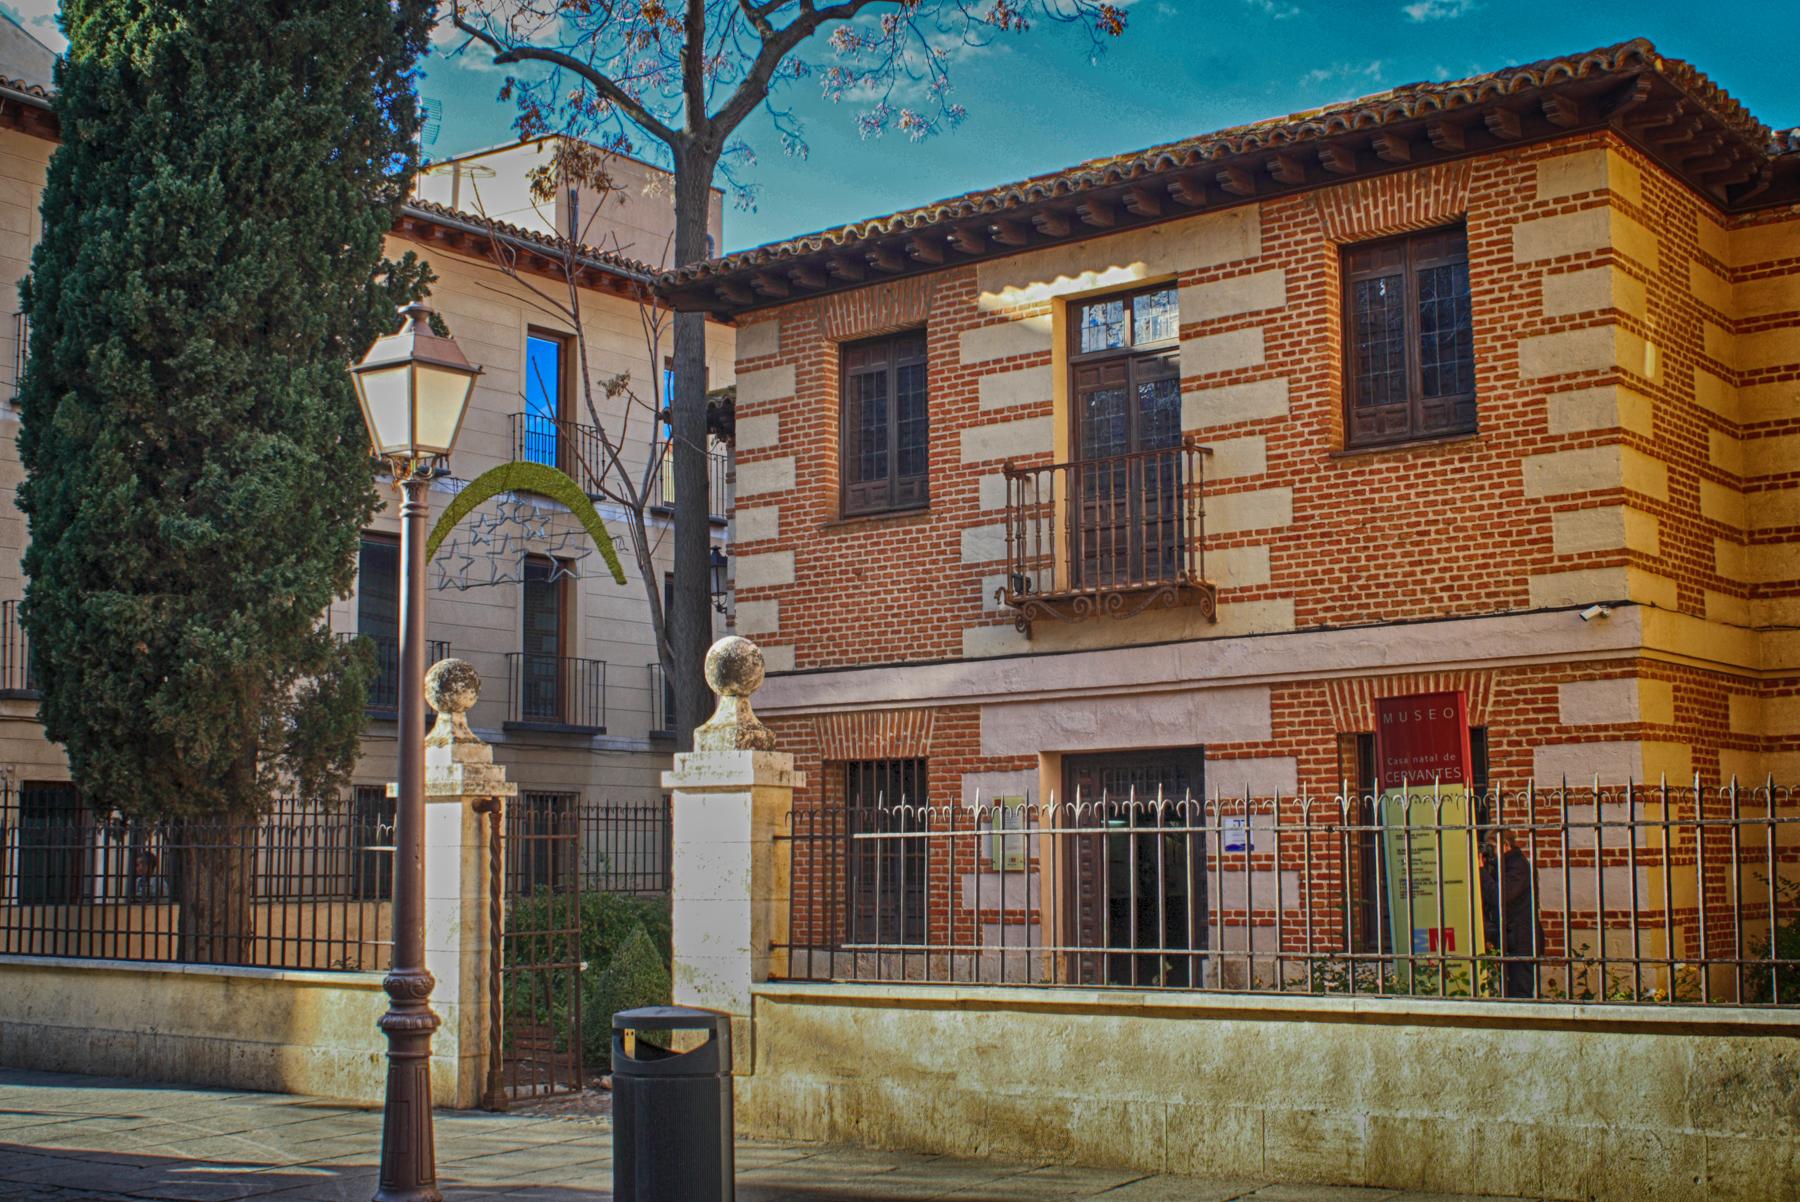 Casa de cervantes alcal de henares wikipedia la - Casas regionales alcala de henares ...